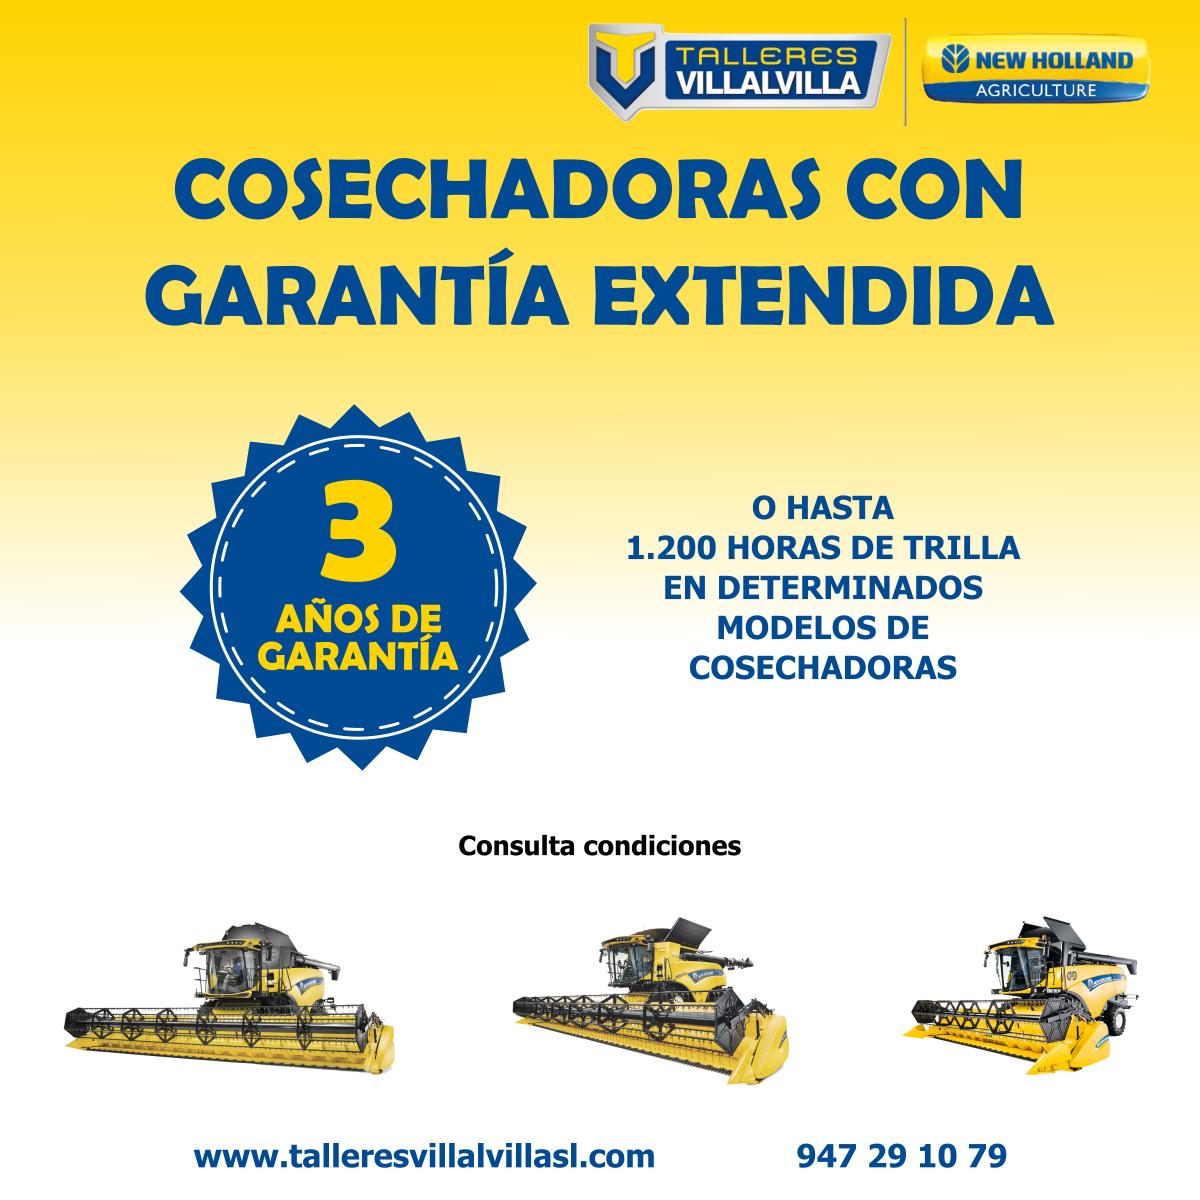 COSECHADORAS CON 3 AÑOS DE GARANTÍA